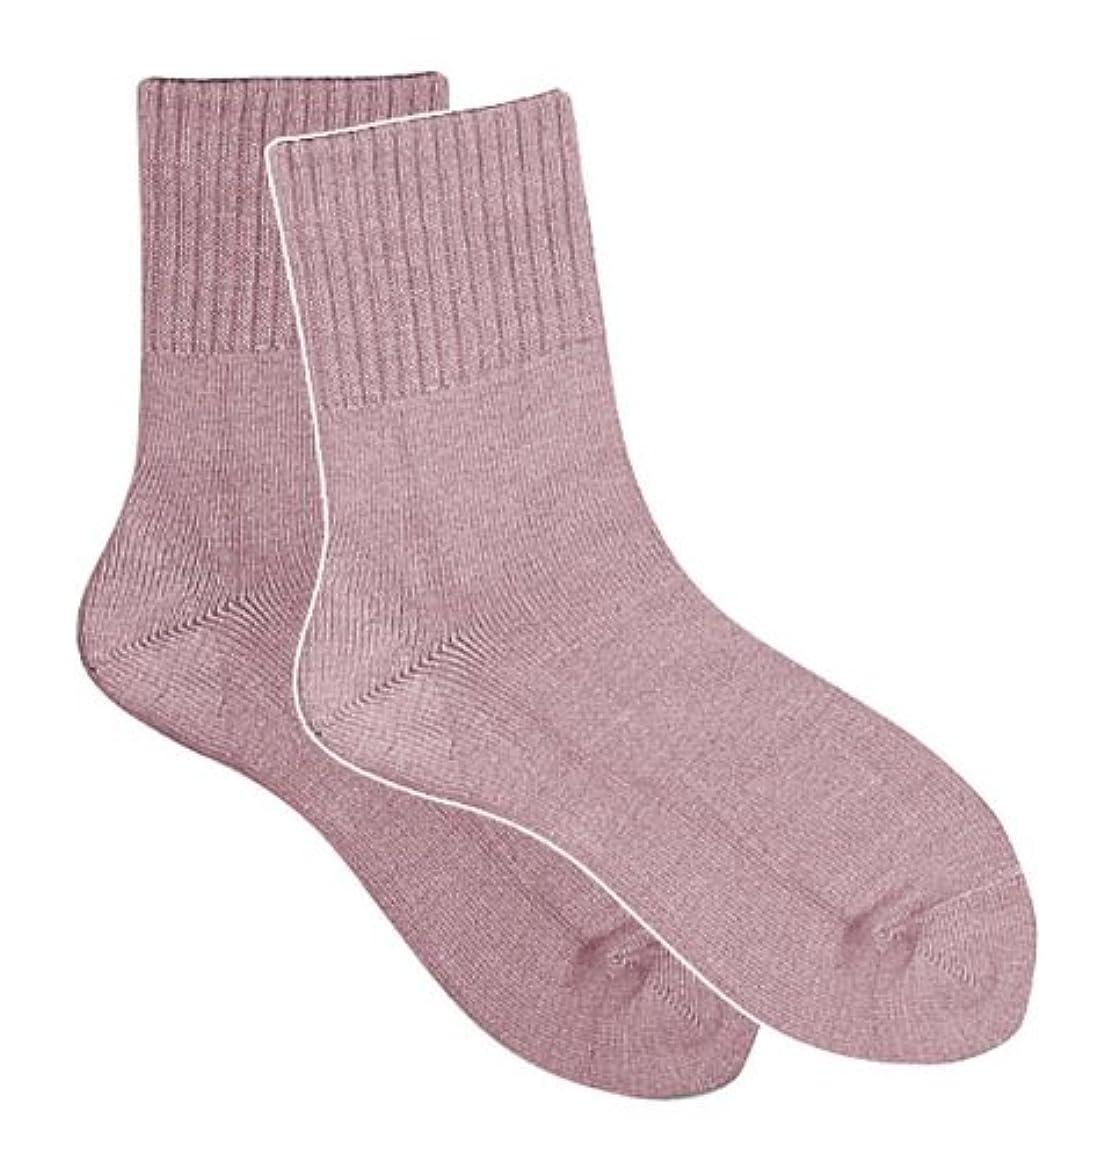 一致認めるビルエステソックス 保湿2ヶ所タイプ ピンク